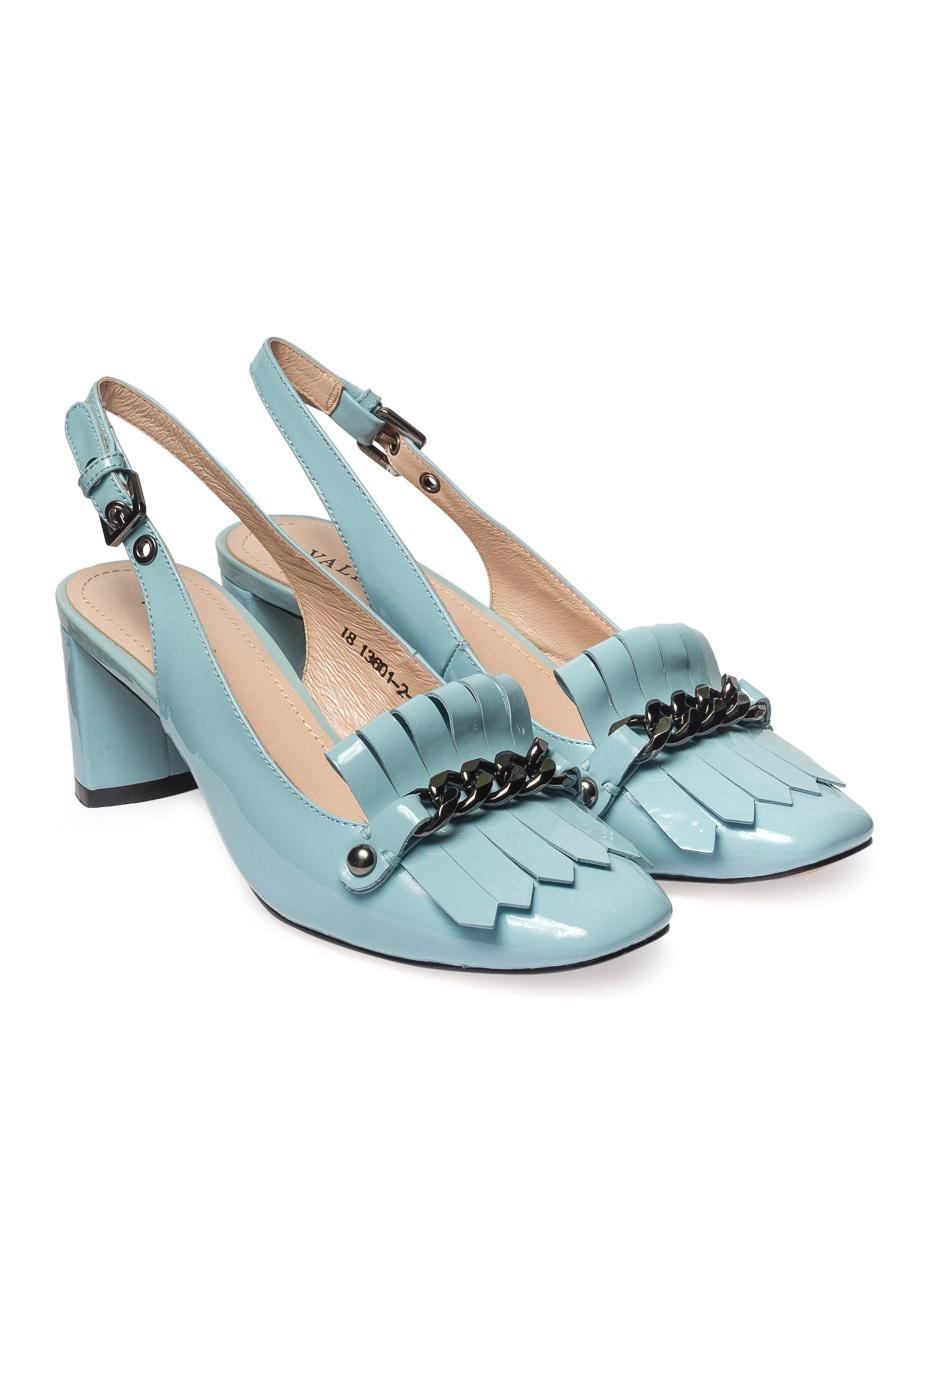 Туфли Valley кроссовки женские saivvila цвет голубой s 228 2 размер 38